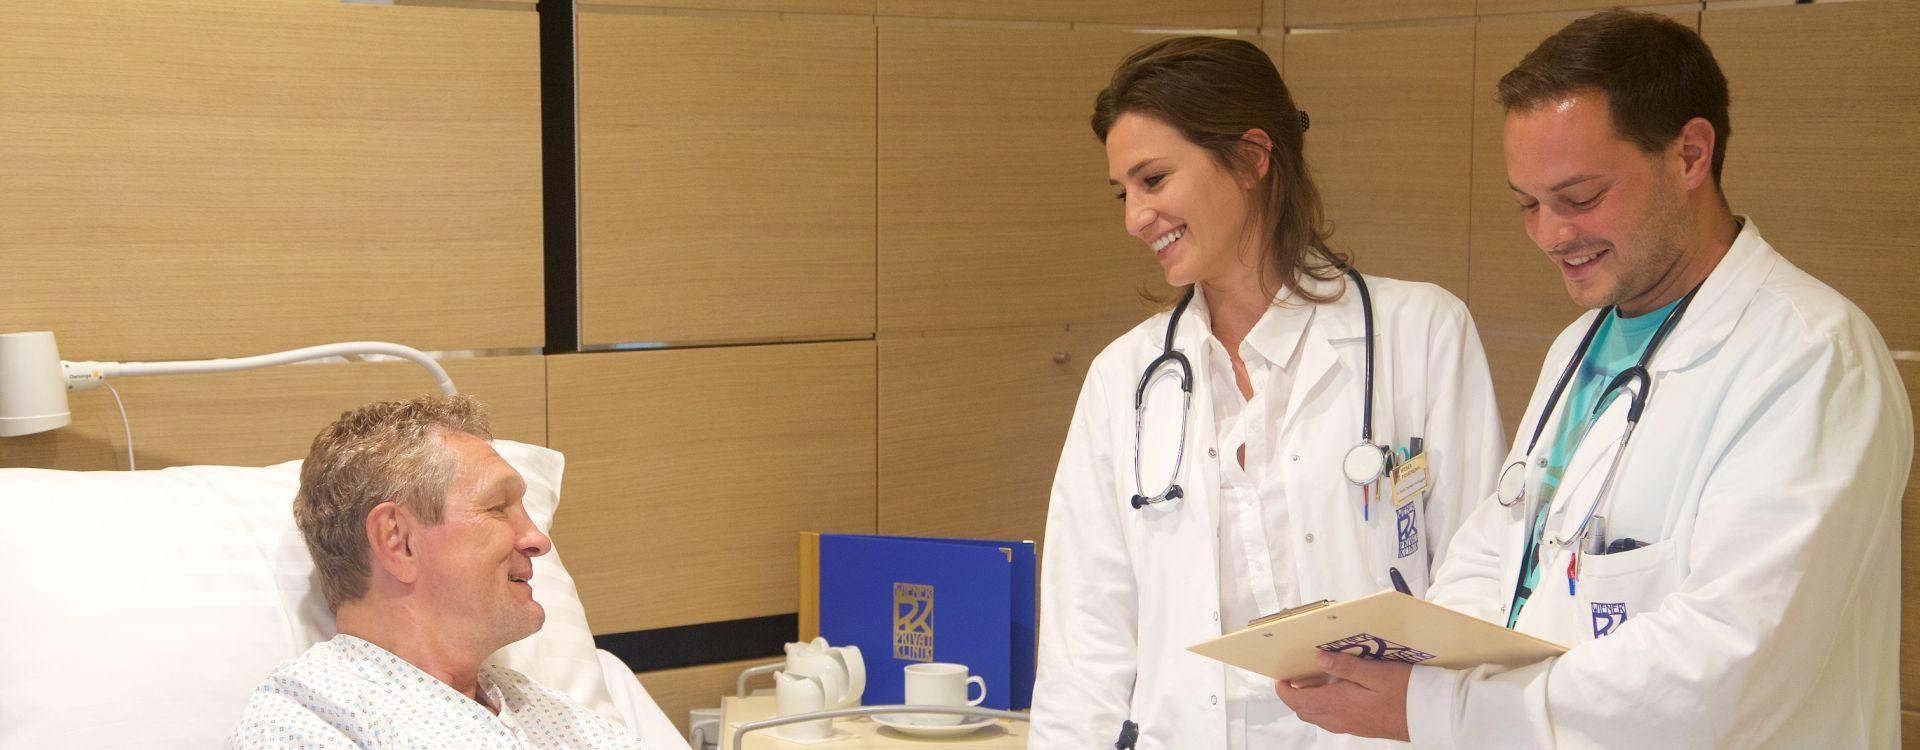 Информация для пациентов